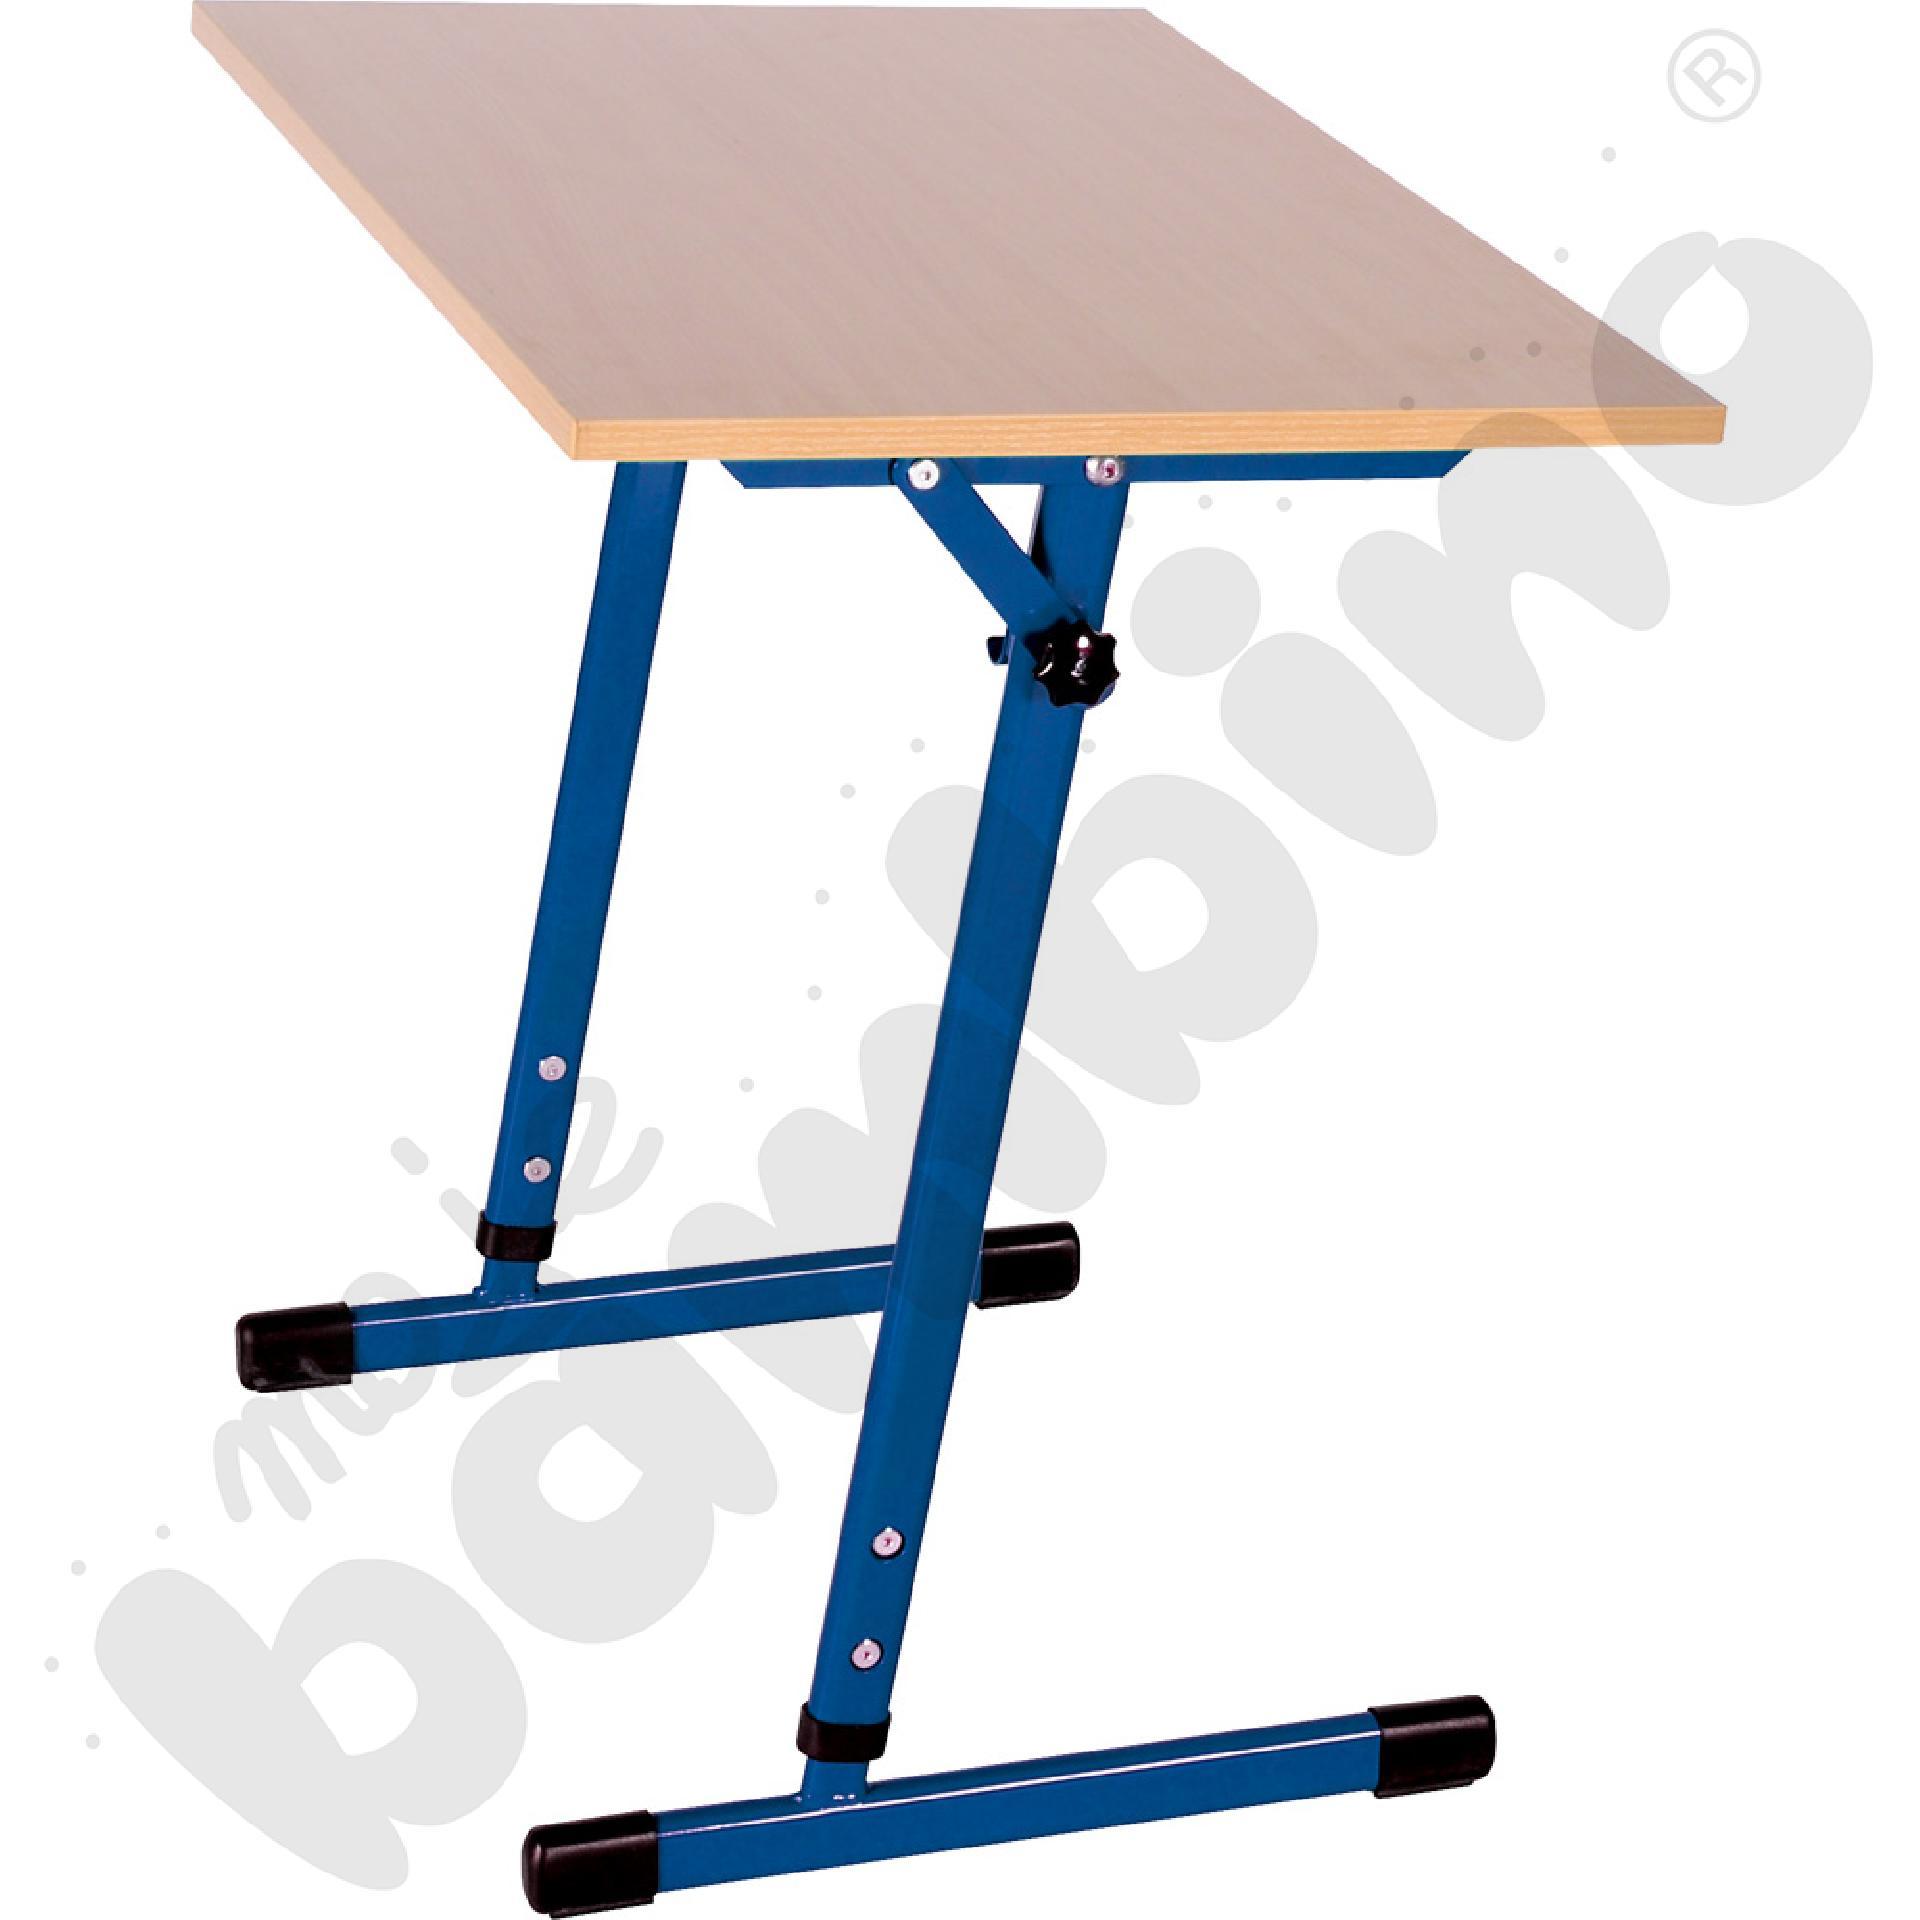 Stół T 1-os. z regulowaną wysokością 3-4, z pochylnym blatem niebieski